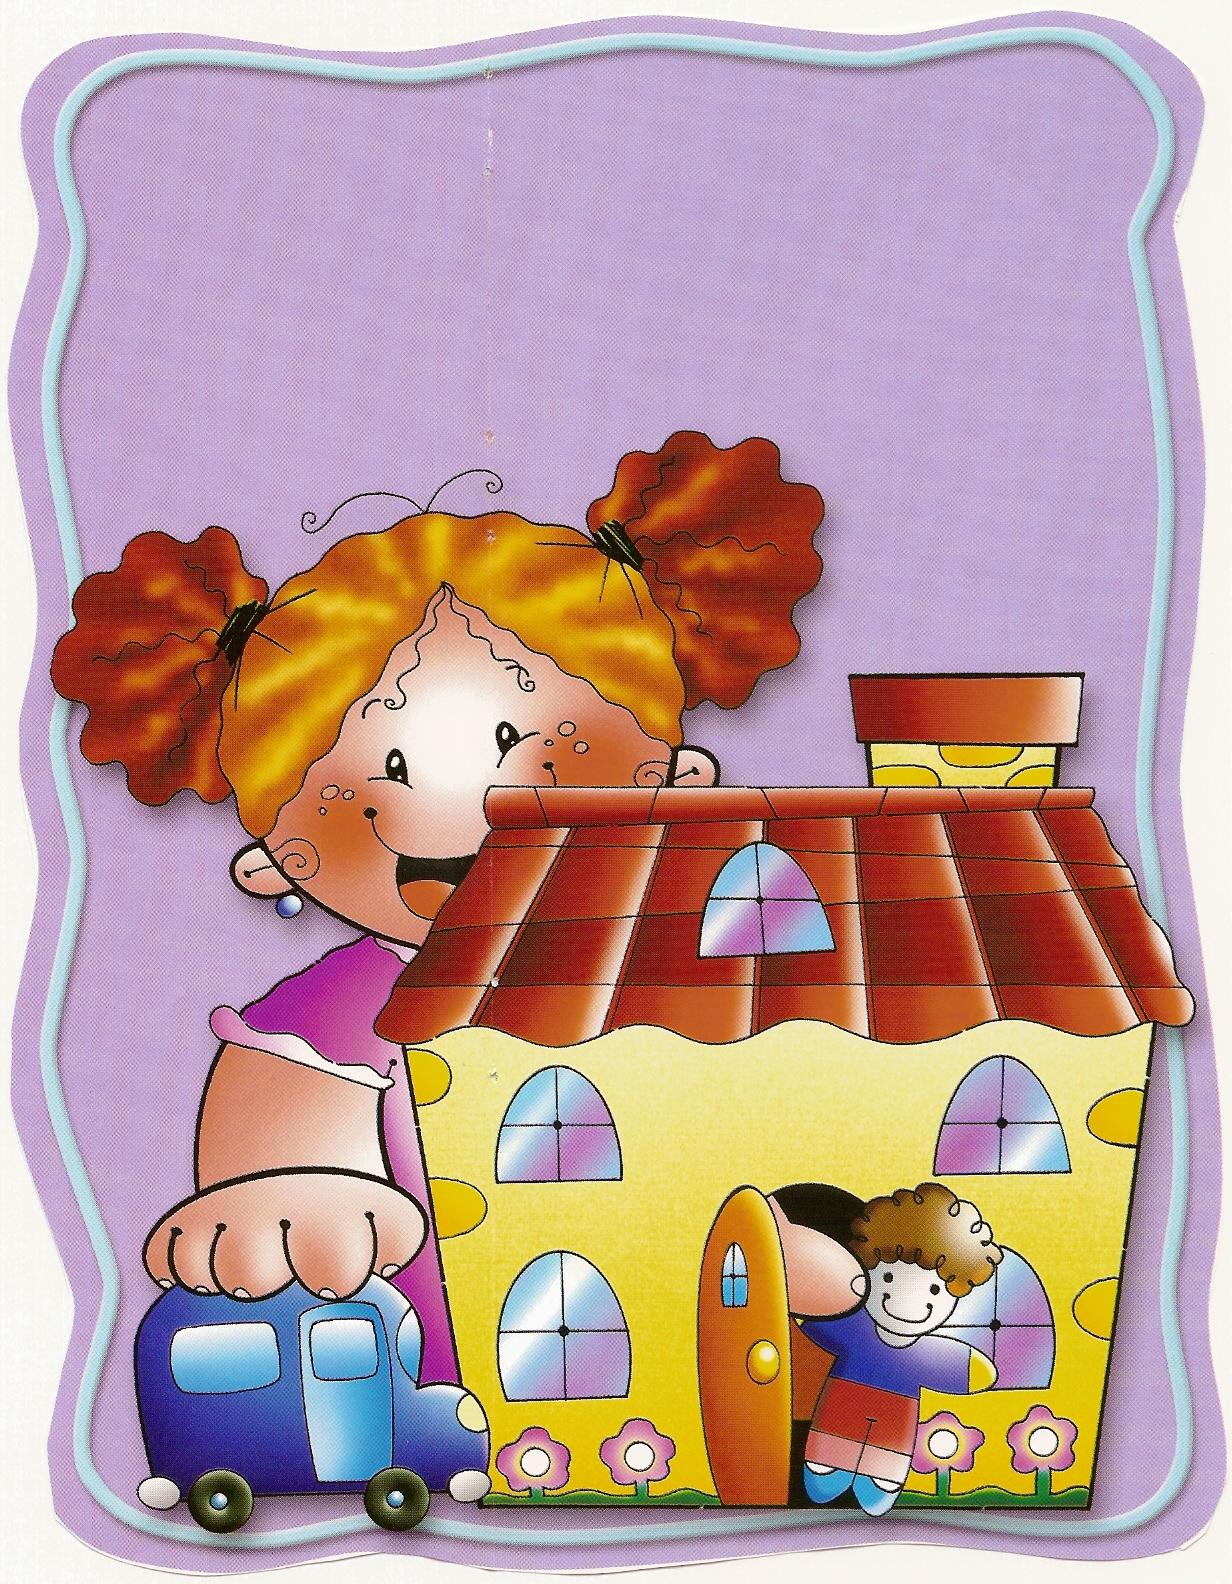 El rinc n de infantil 73 dibujos para los rincones - Como decorar un dibujo de una castana ...